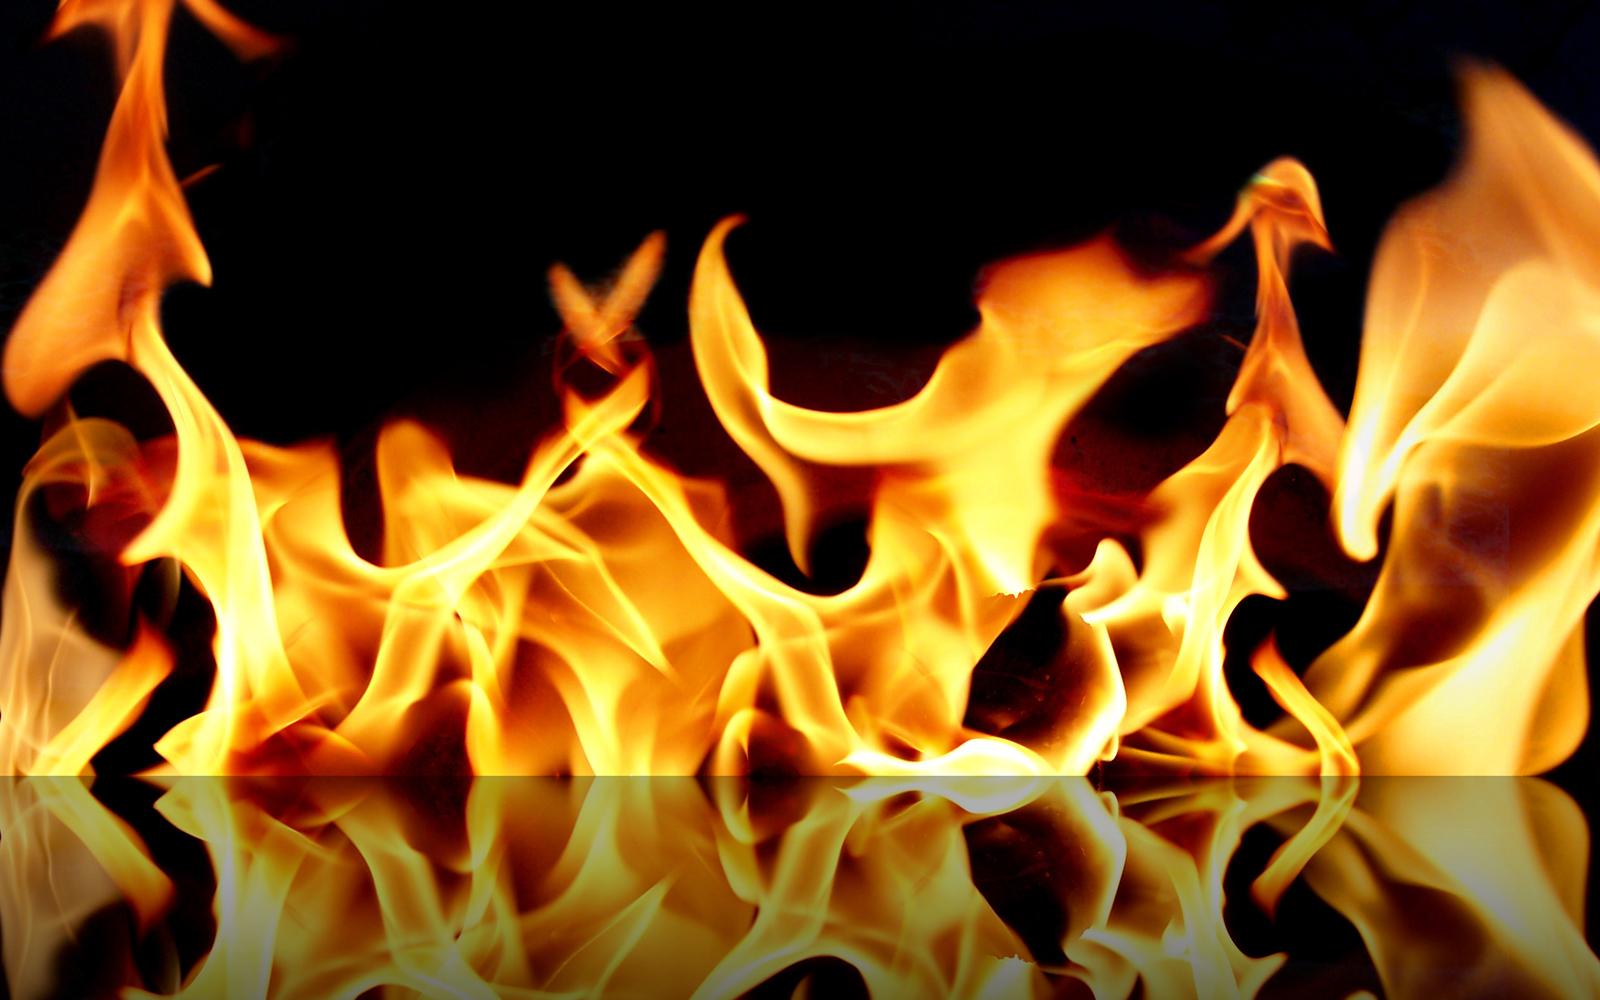 Free Fire Wallpaper Wallpapersafari